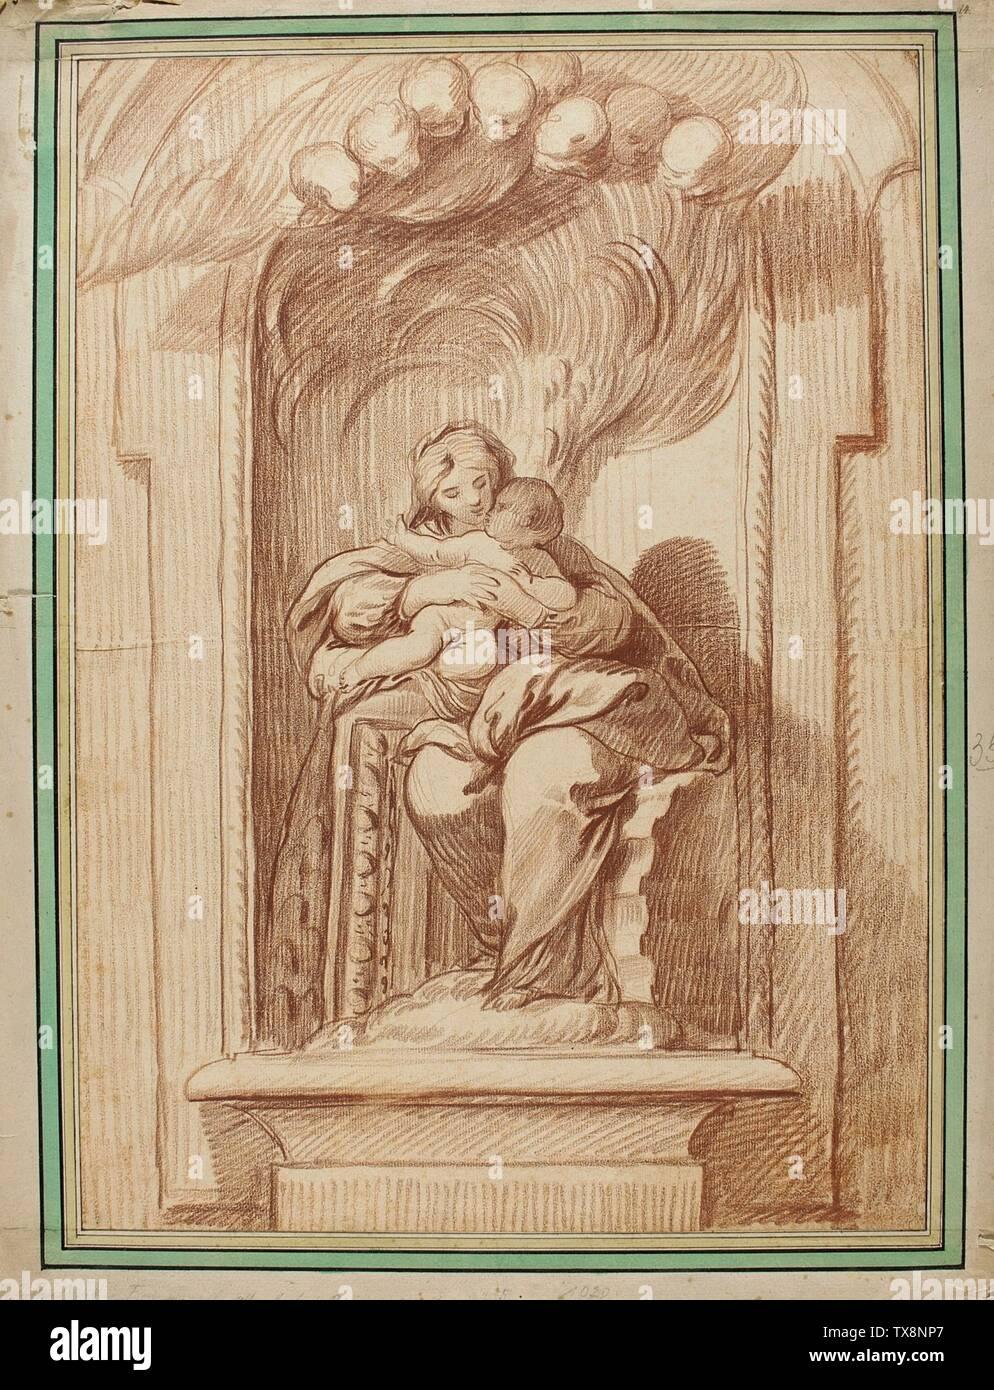 'Madonna et enfant assis dans une niche; français: France, 18e siècle dessins craie rouge sur papier, prévue pour le don de Alfred et Esther Norris (M.83.318.39) Estampes et dessins; date du 18ème siècle QS:P571,+1750-00-00T00:00:00Z/7; ' Photo Stock